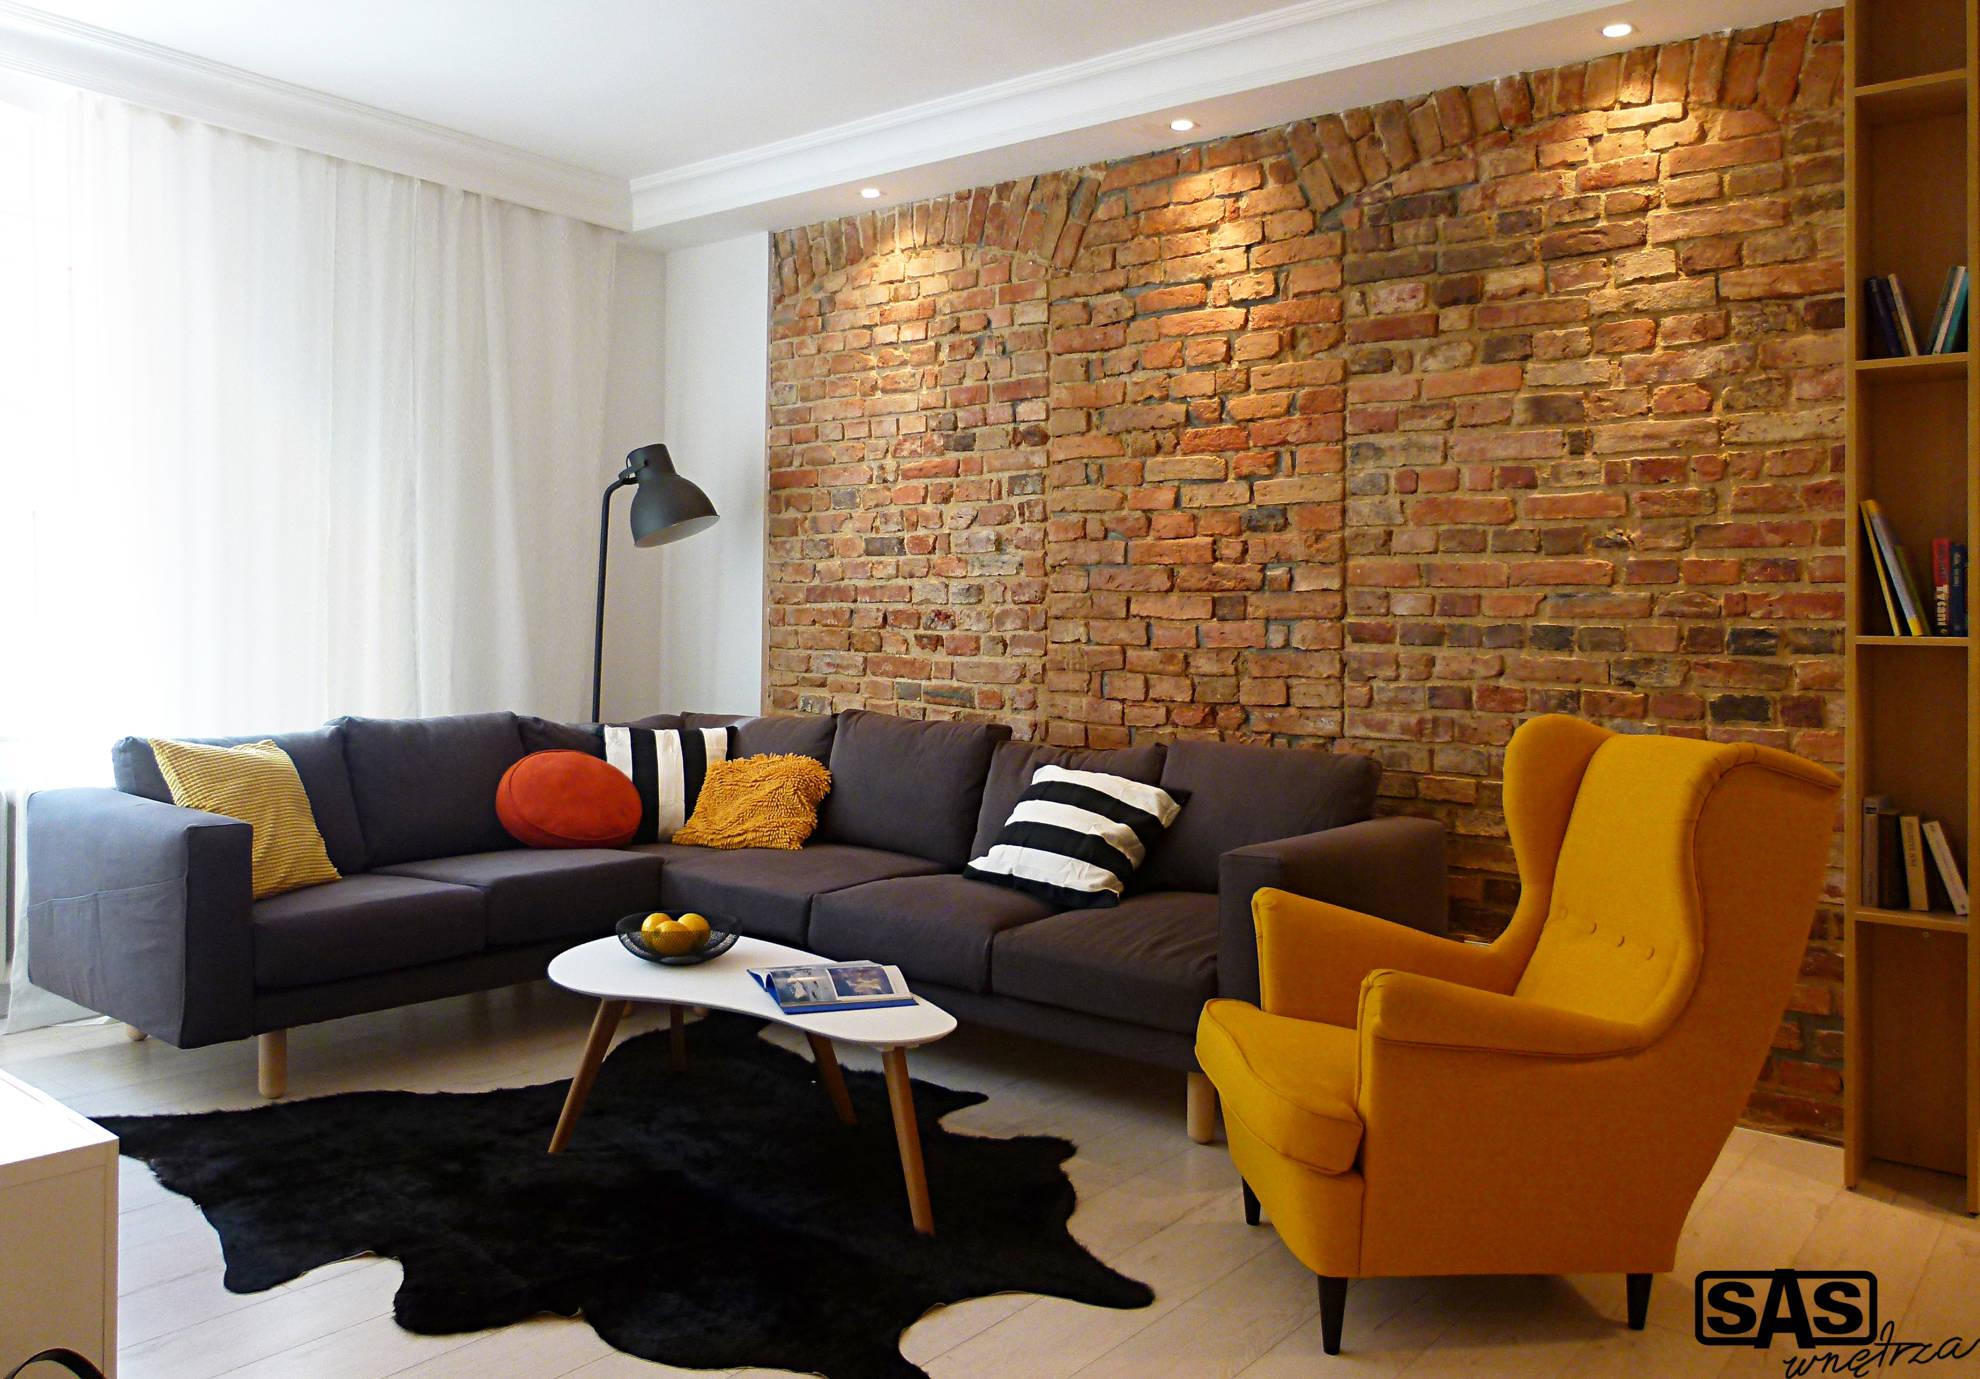 Aranżacja salonu w mieszkaniu na wynajem - projekt architekt wnętrz Emilia Strzempek Plasun.